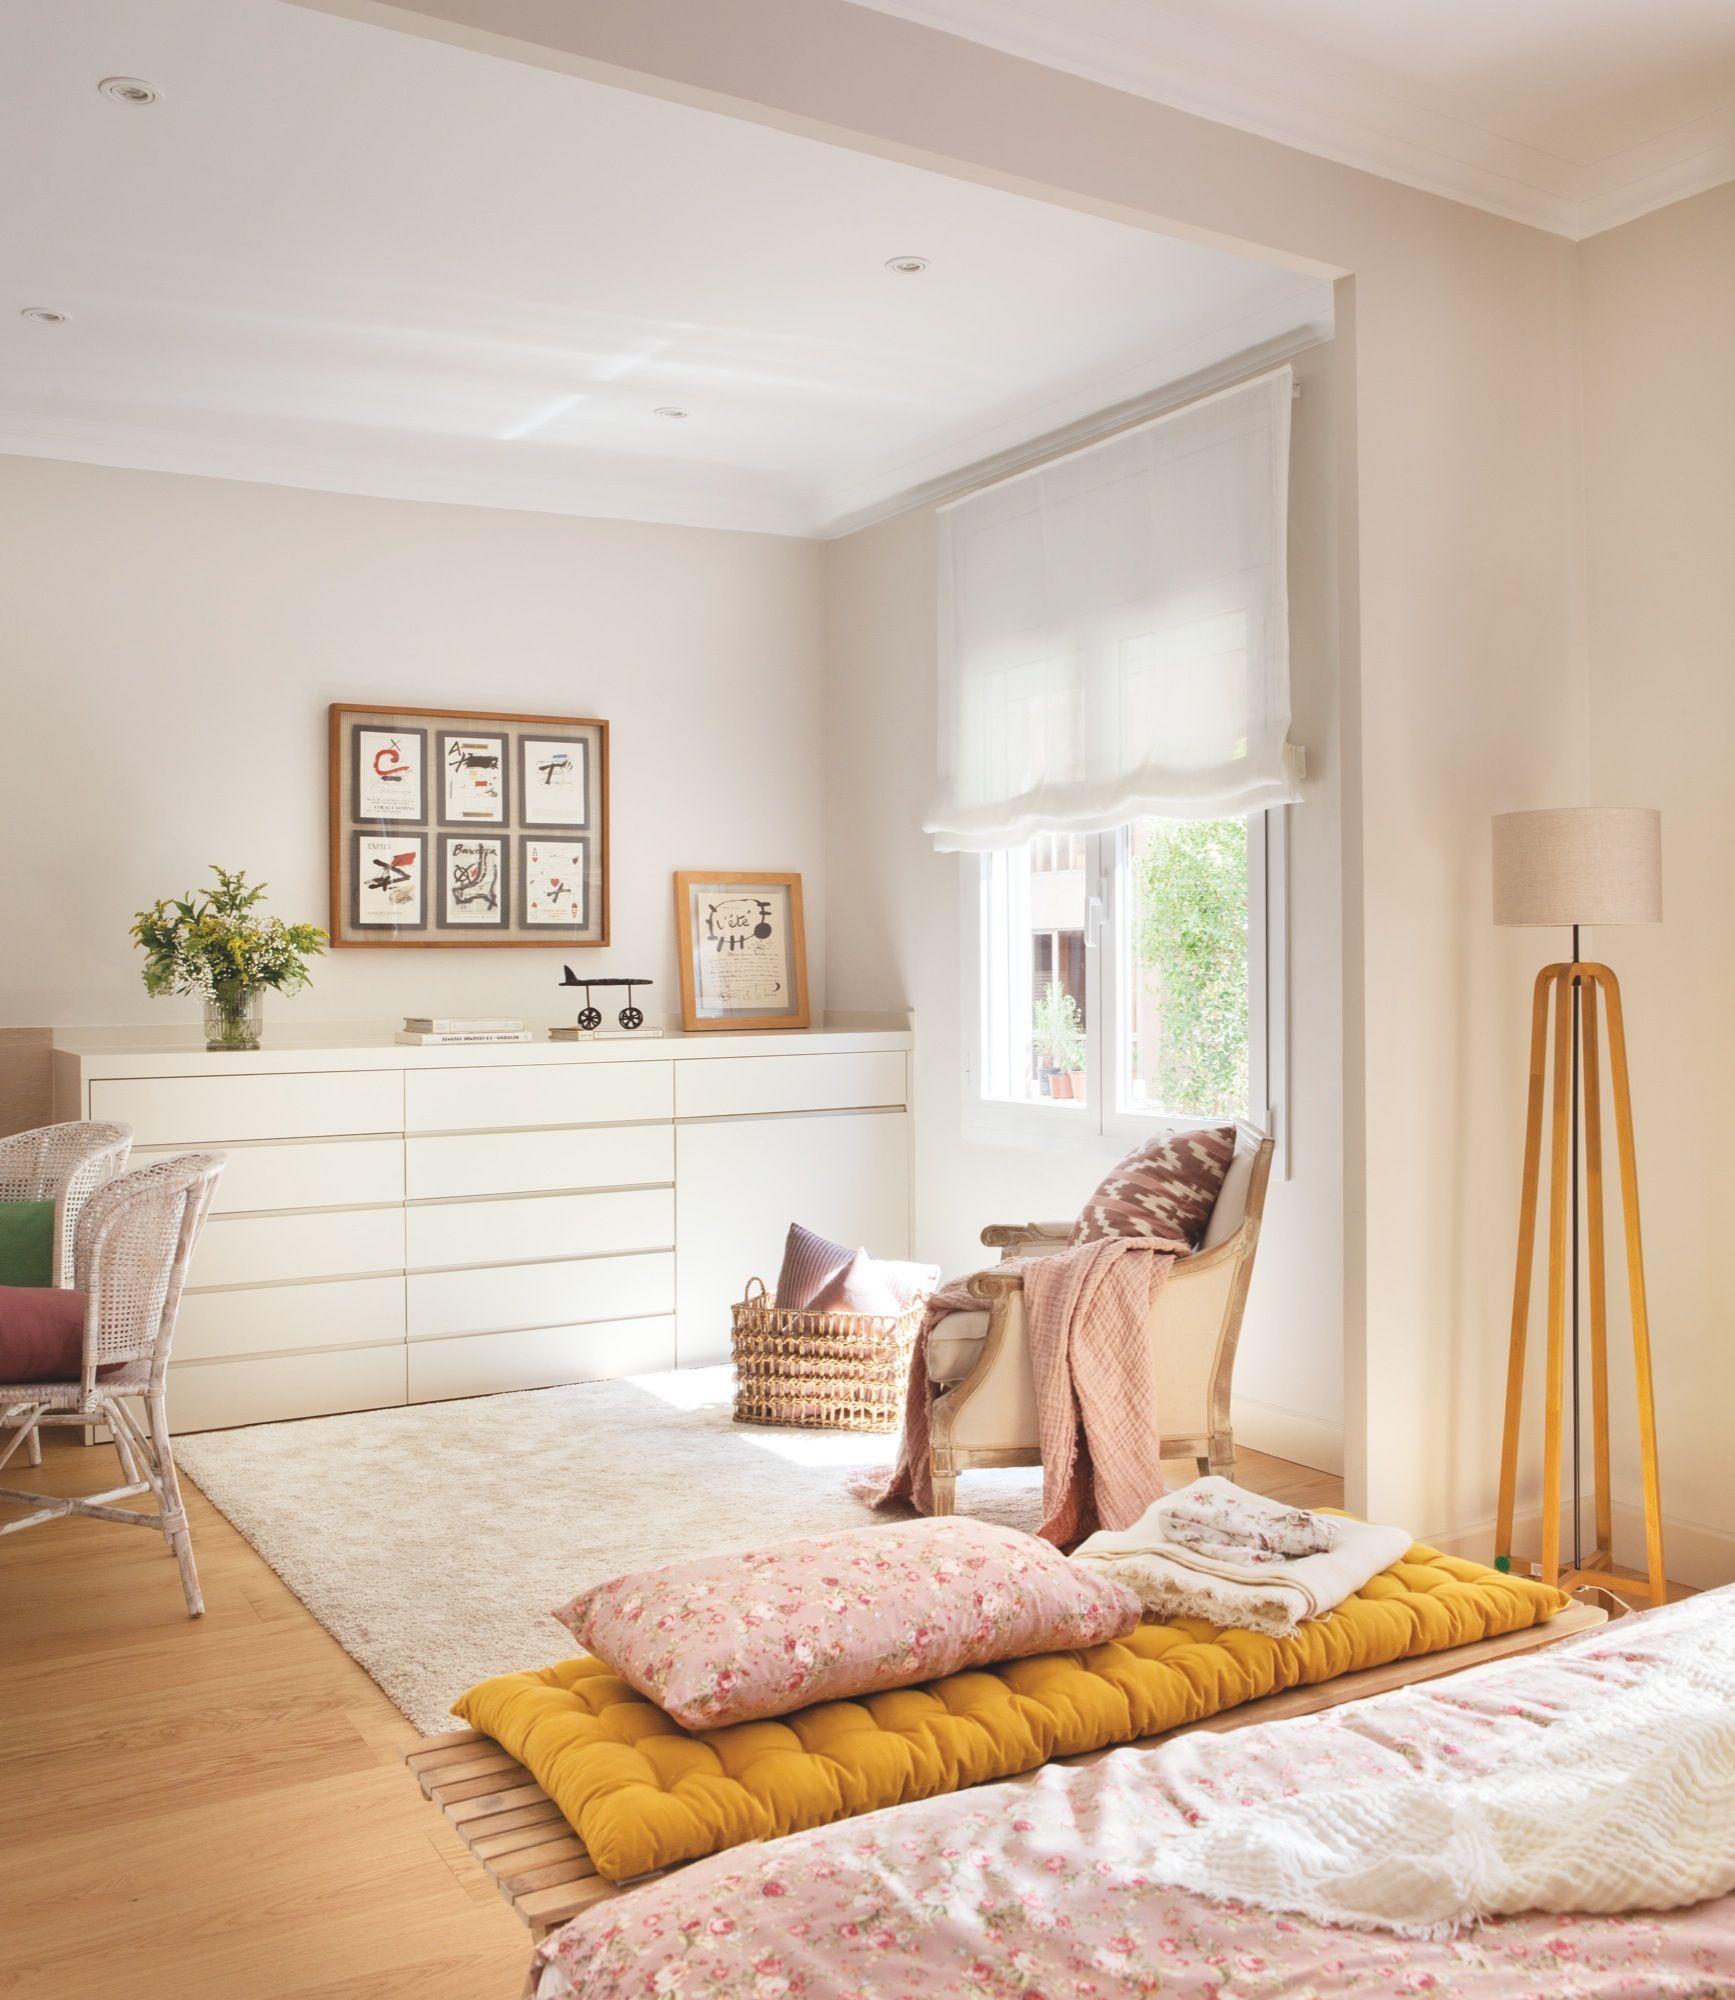 Dormitorio con c moda y banco a modo de pie de cama con - Cojines cama matrimonio ...